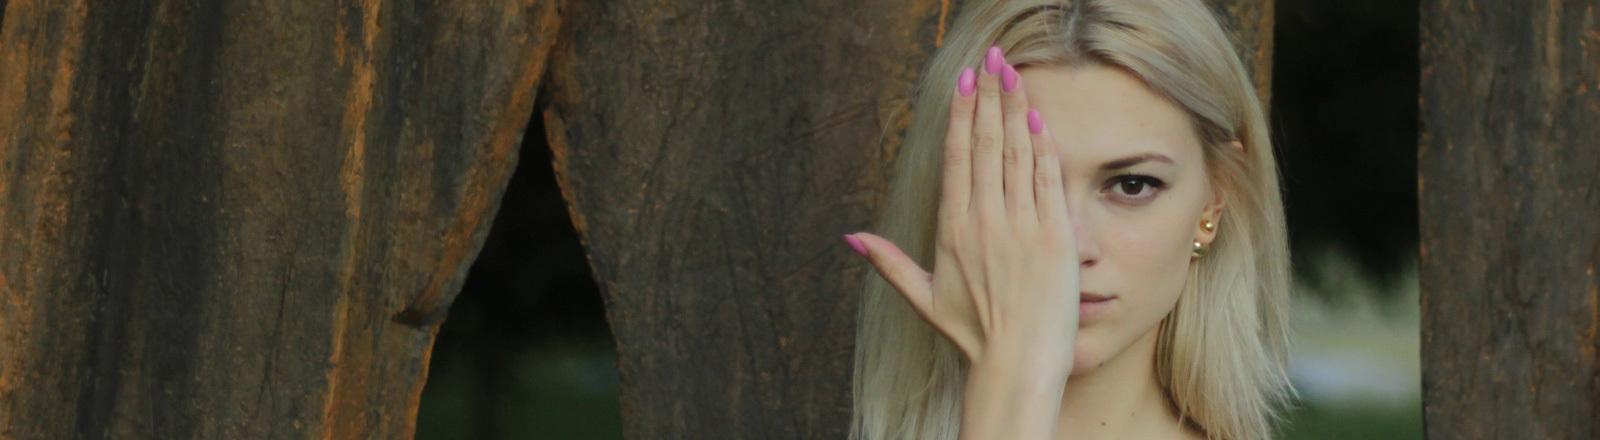 Eine Frau hält sich die Hand vor das halbe Gesicht.